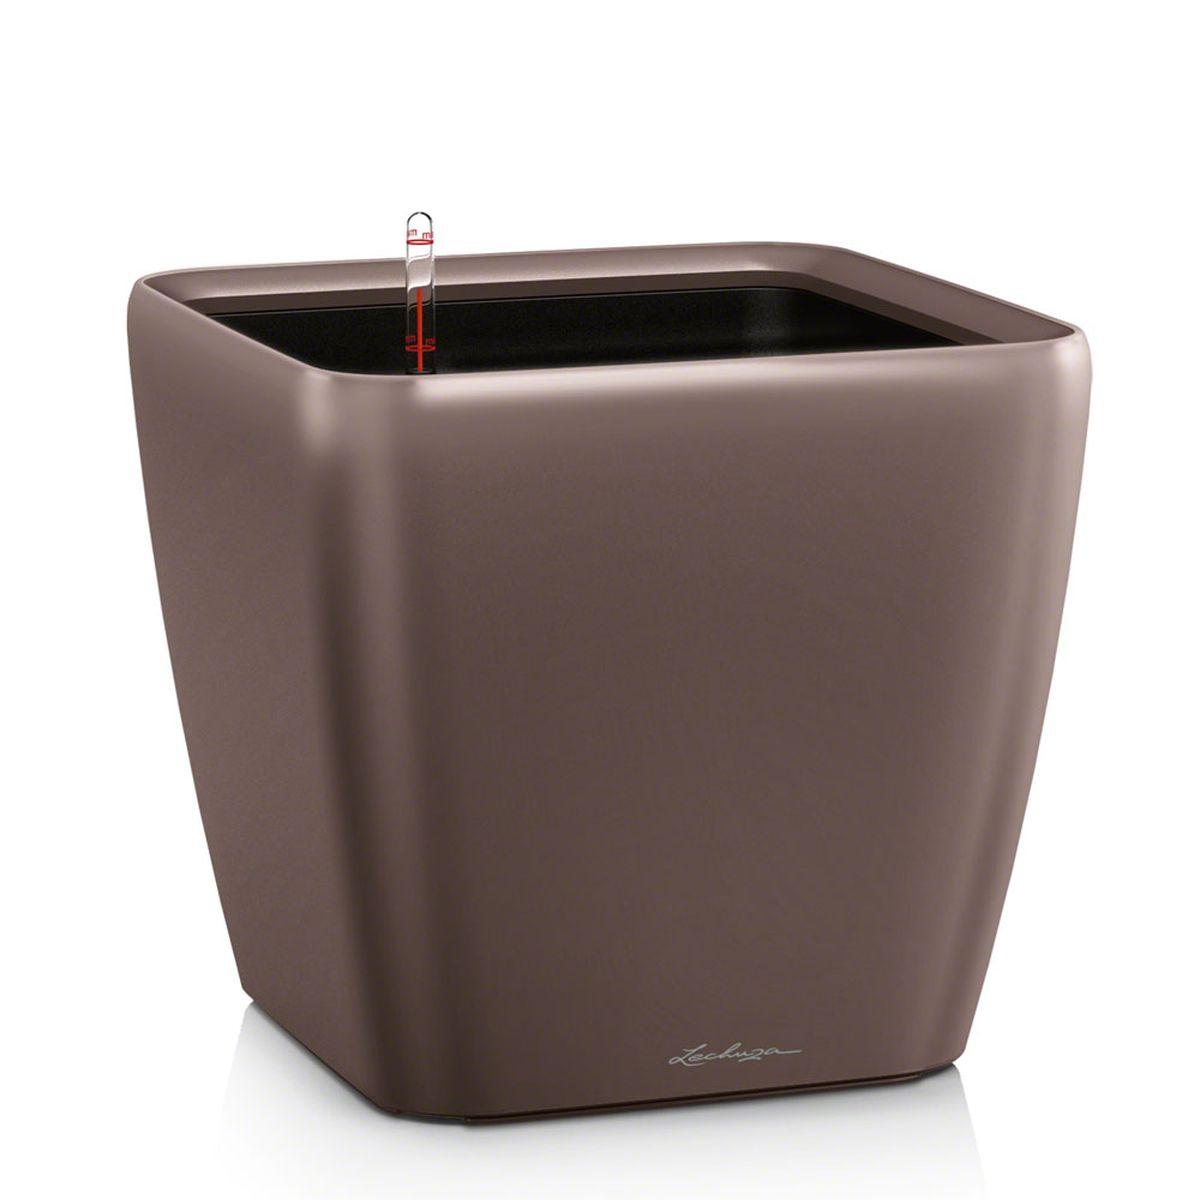 Кашпо Lechuza Quadro, с системой автополива, цвет: эспрессо, 33 х 33 х 35 см16161Кашпо Lechuza Quadro, выполненное из высококачественного пластика, имеет уникальную систему автополива, благодаря которой корневая система растения непрерывно снабжается влагой из резервуара. Уровень воды в резервуаре контролируется с помощью специального индикатора. В зависимости от размера кашпо и растения воды хватает на 2-12 недель. Это способствует хорошему росту цветов и предотвращает переувлажнение. В набор входит: кашпо, внутренний горшок, индикатор уровня воды, вал подачи воды, субстрат растений в качестве дренажного слоя, резервуар для воды. Кашпо Lechuza Quadro прекрасно впишется в любой интерьер. Оно поможет расставить нужные акценты и придаст помещению вид, соответствующий вашим представлениям.